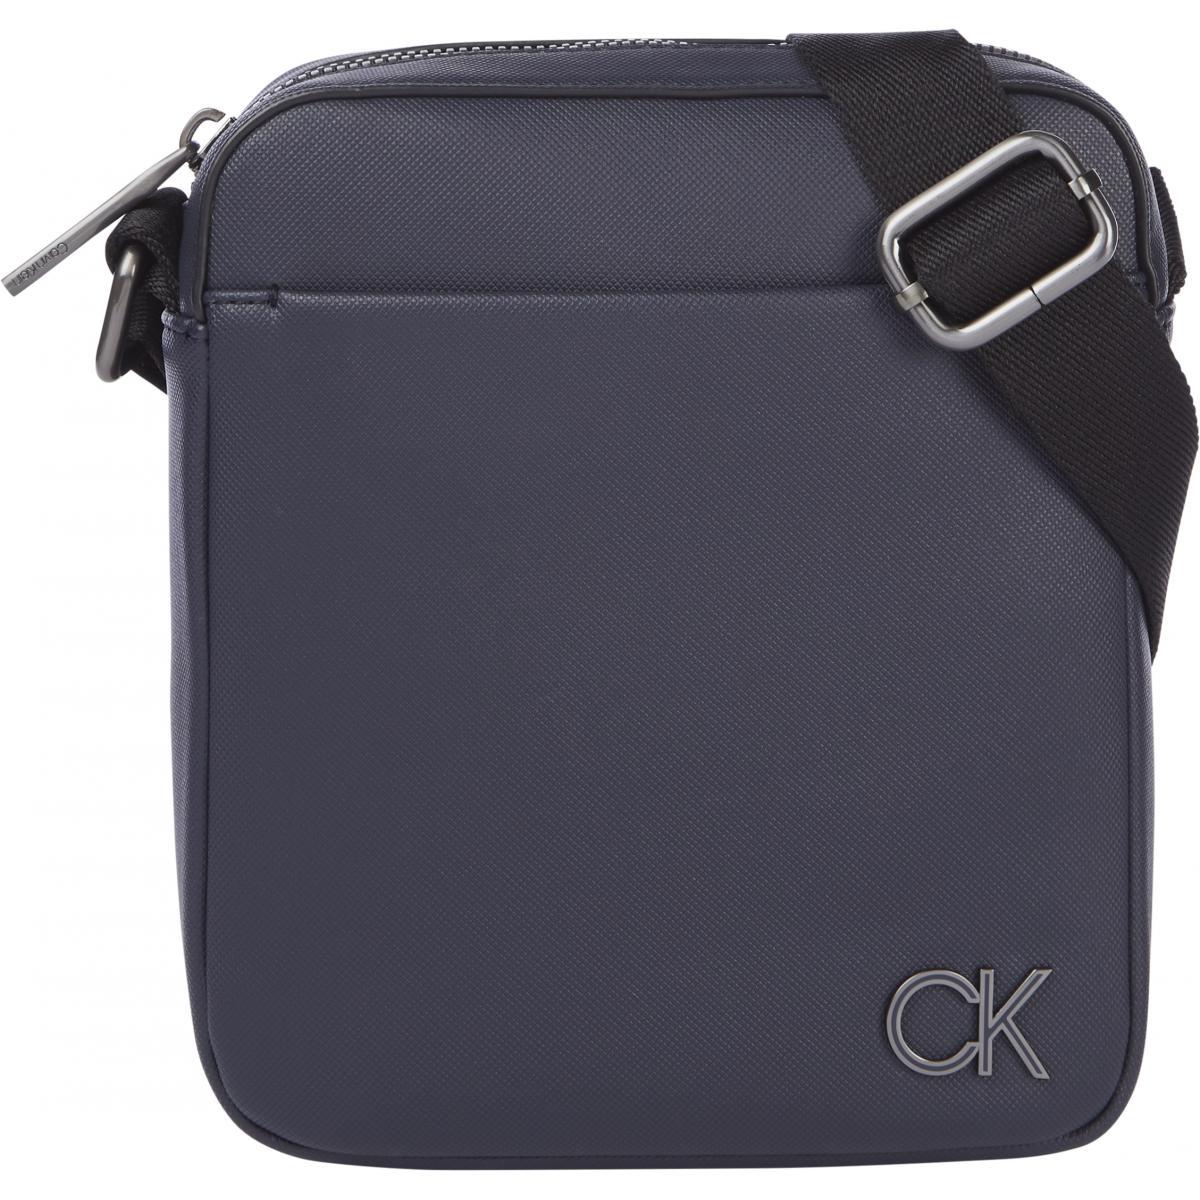 Sacoche Calvin Klein logo bleue marine -